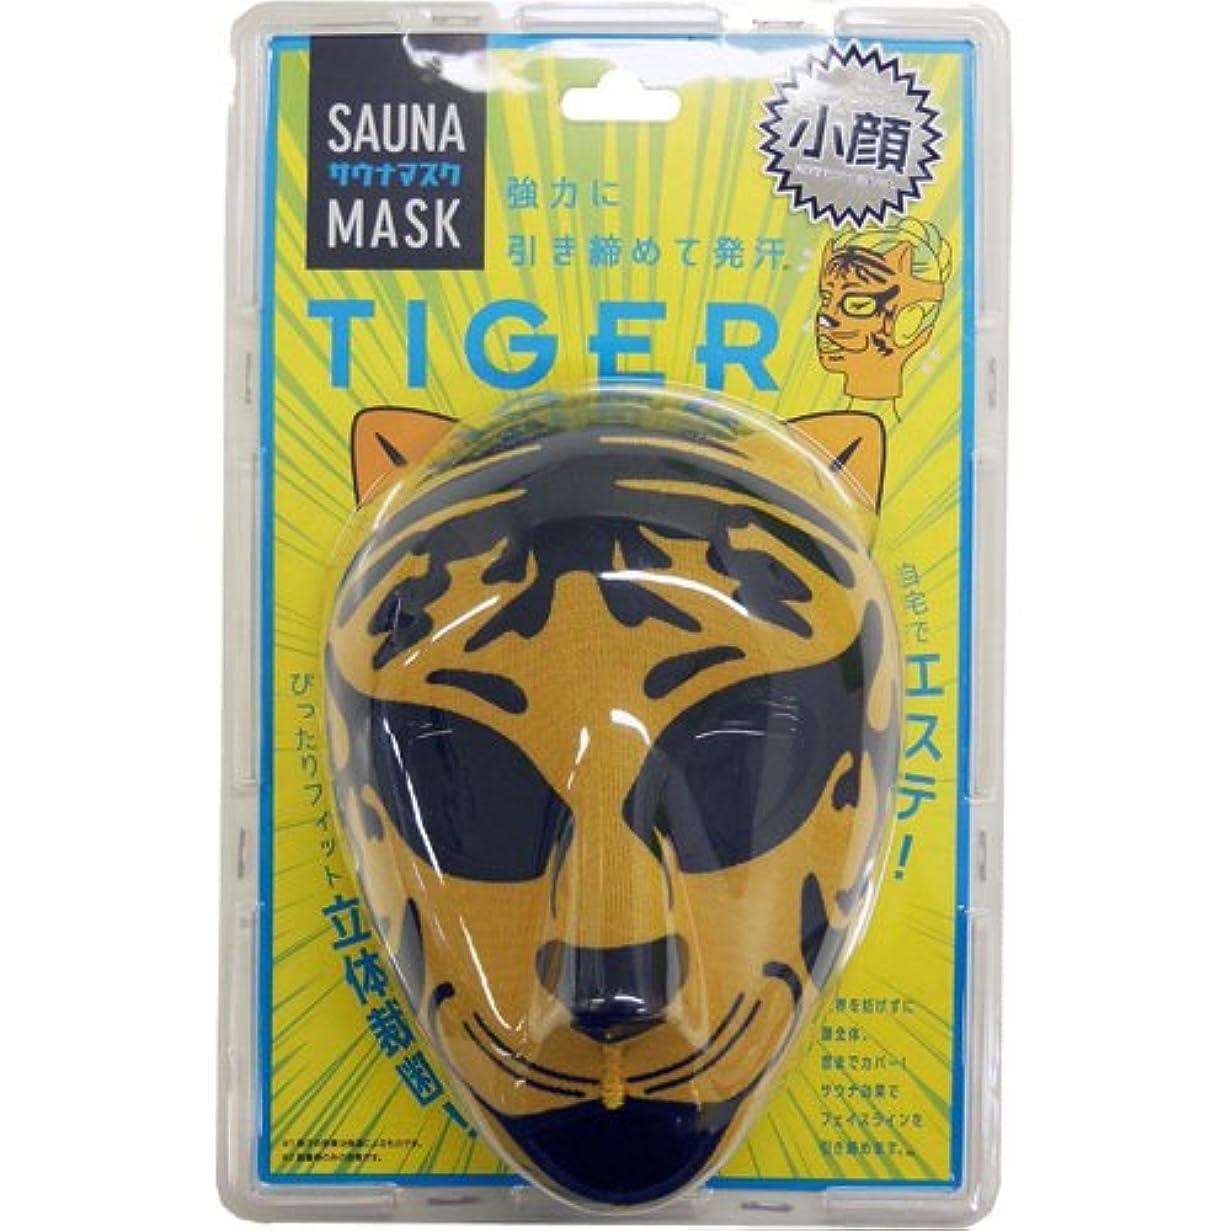 解決するクランプ調査コジット サウナマスク TIGER (1個)